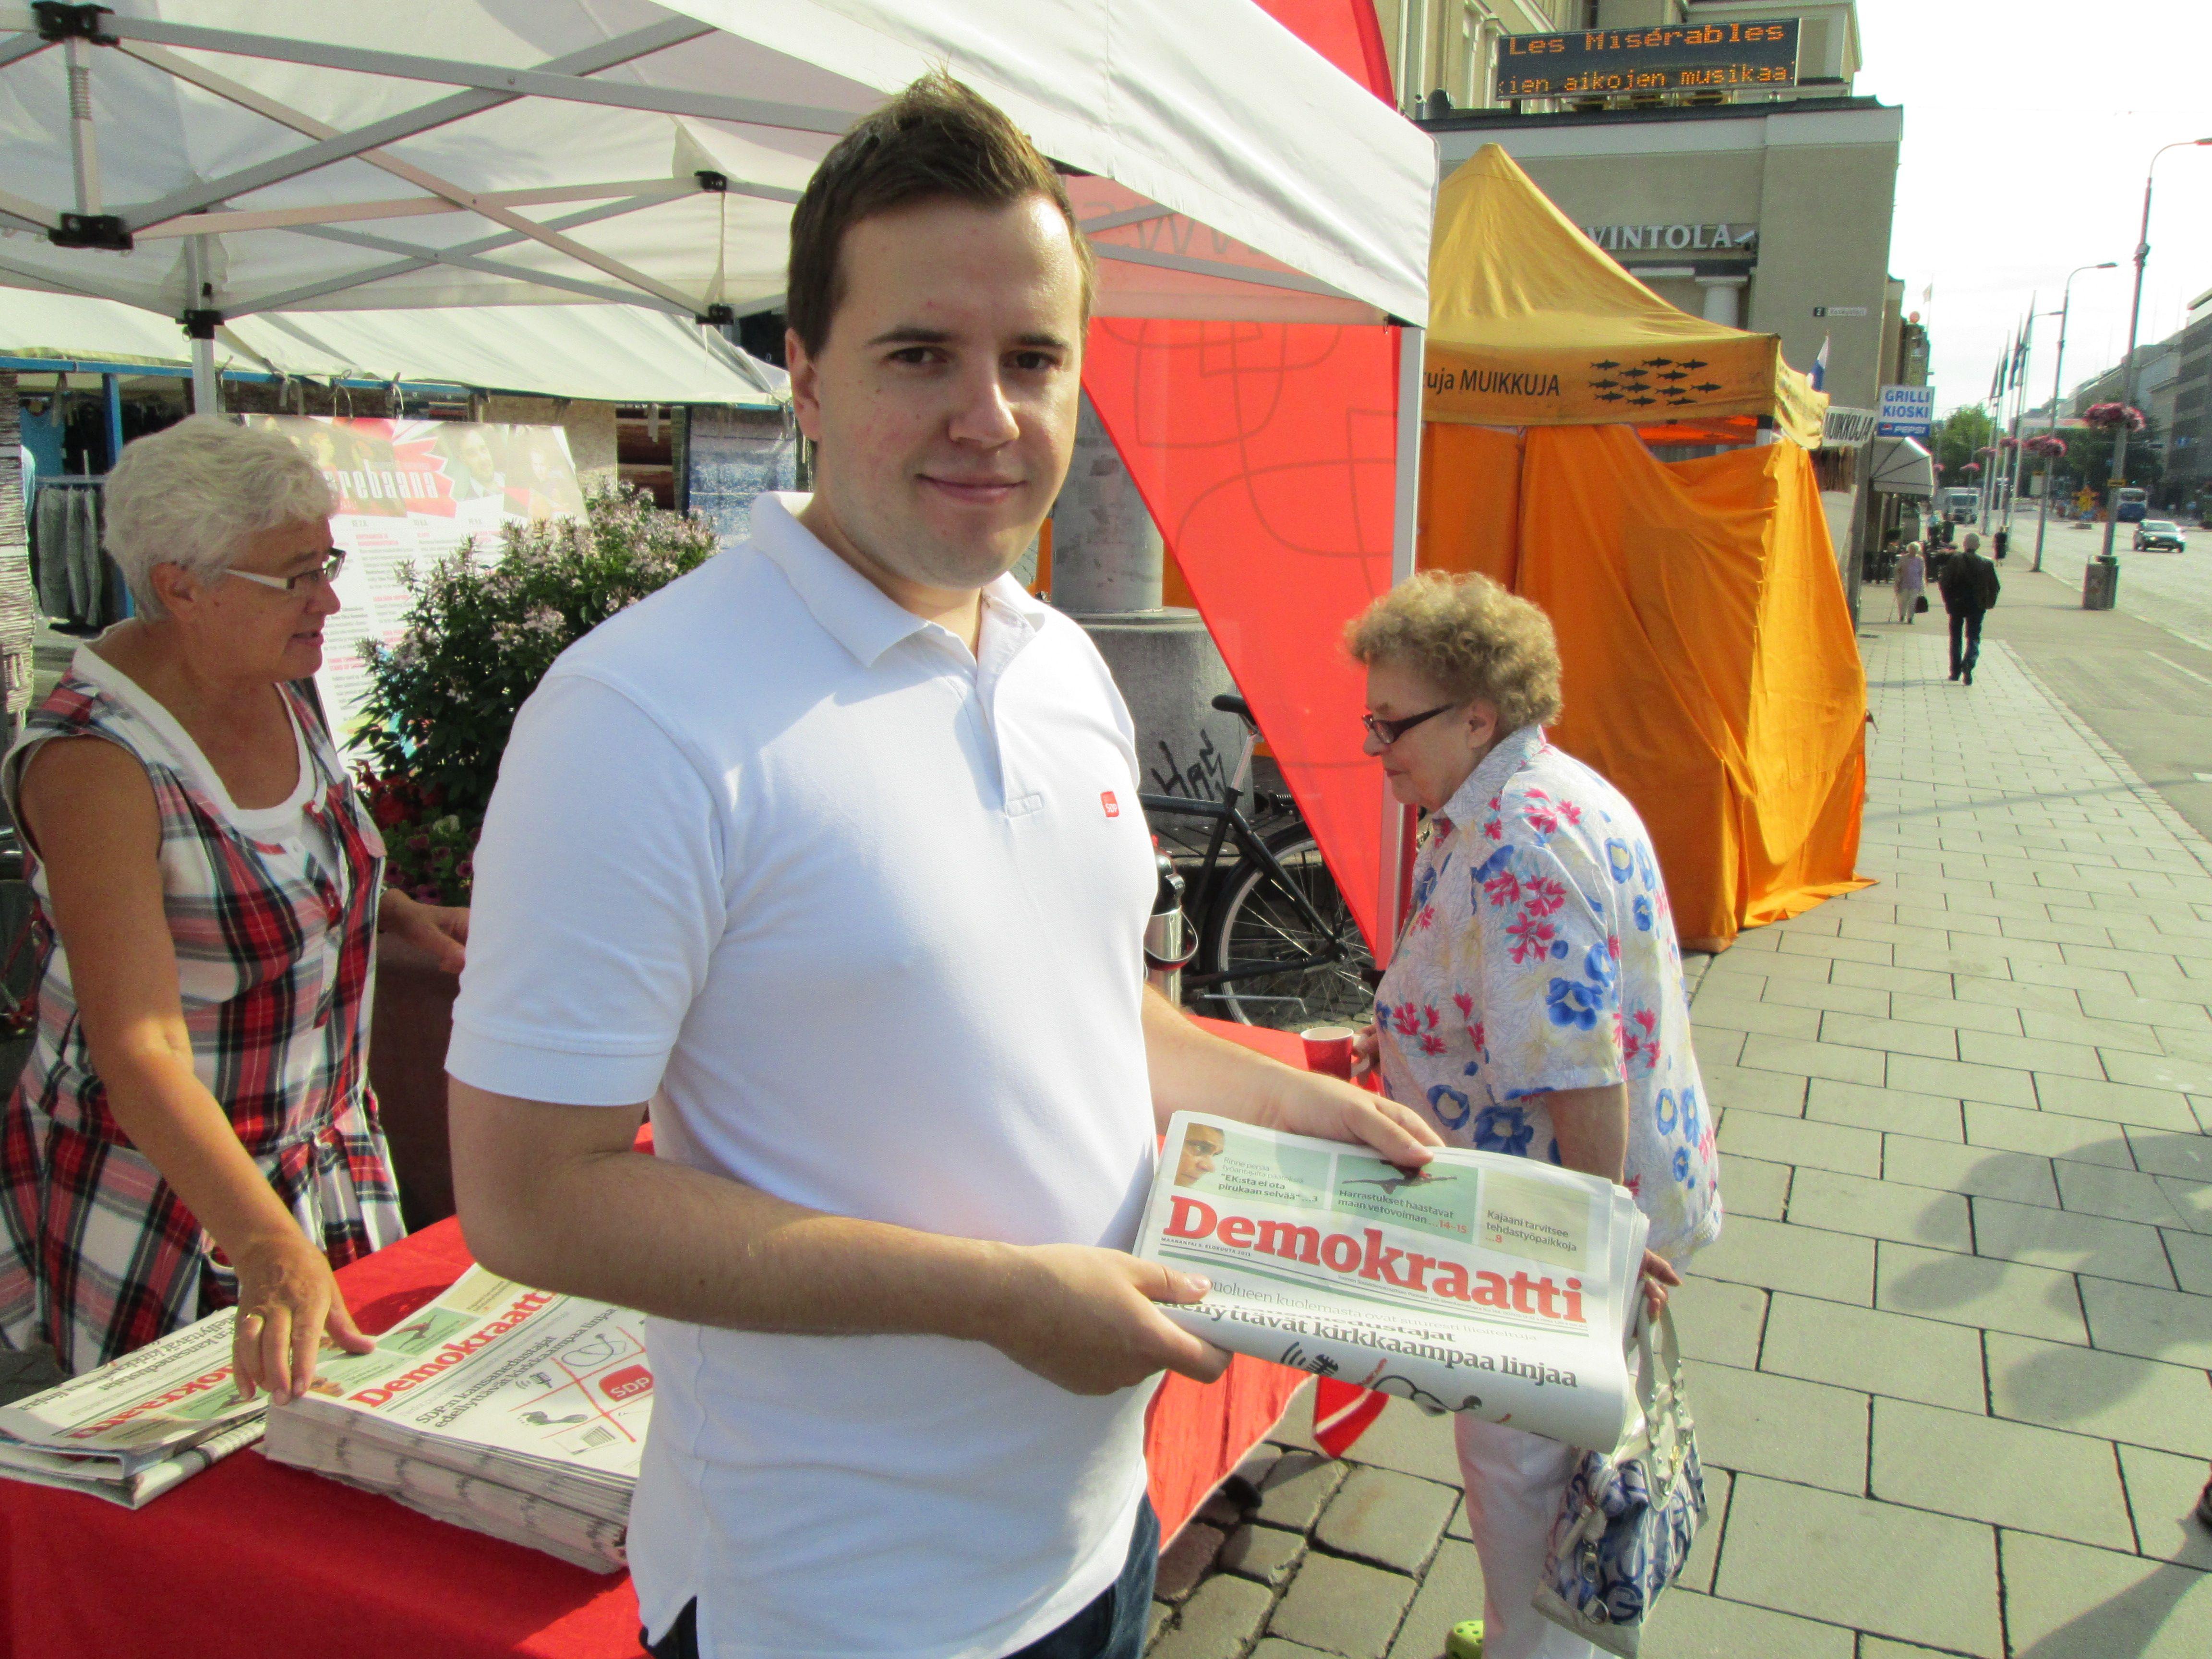 Ari Wigelius SDP teltalla Keskustorilla Tampereella maanantaimarkkinoilla syyskuussa 2013